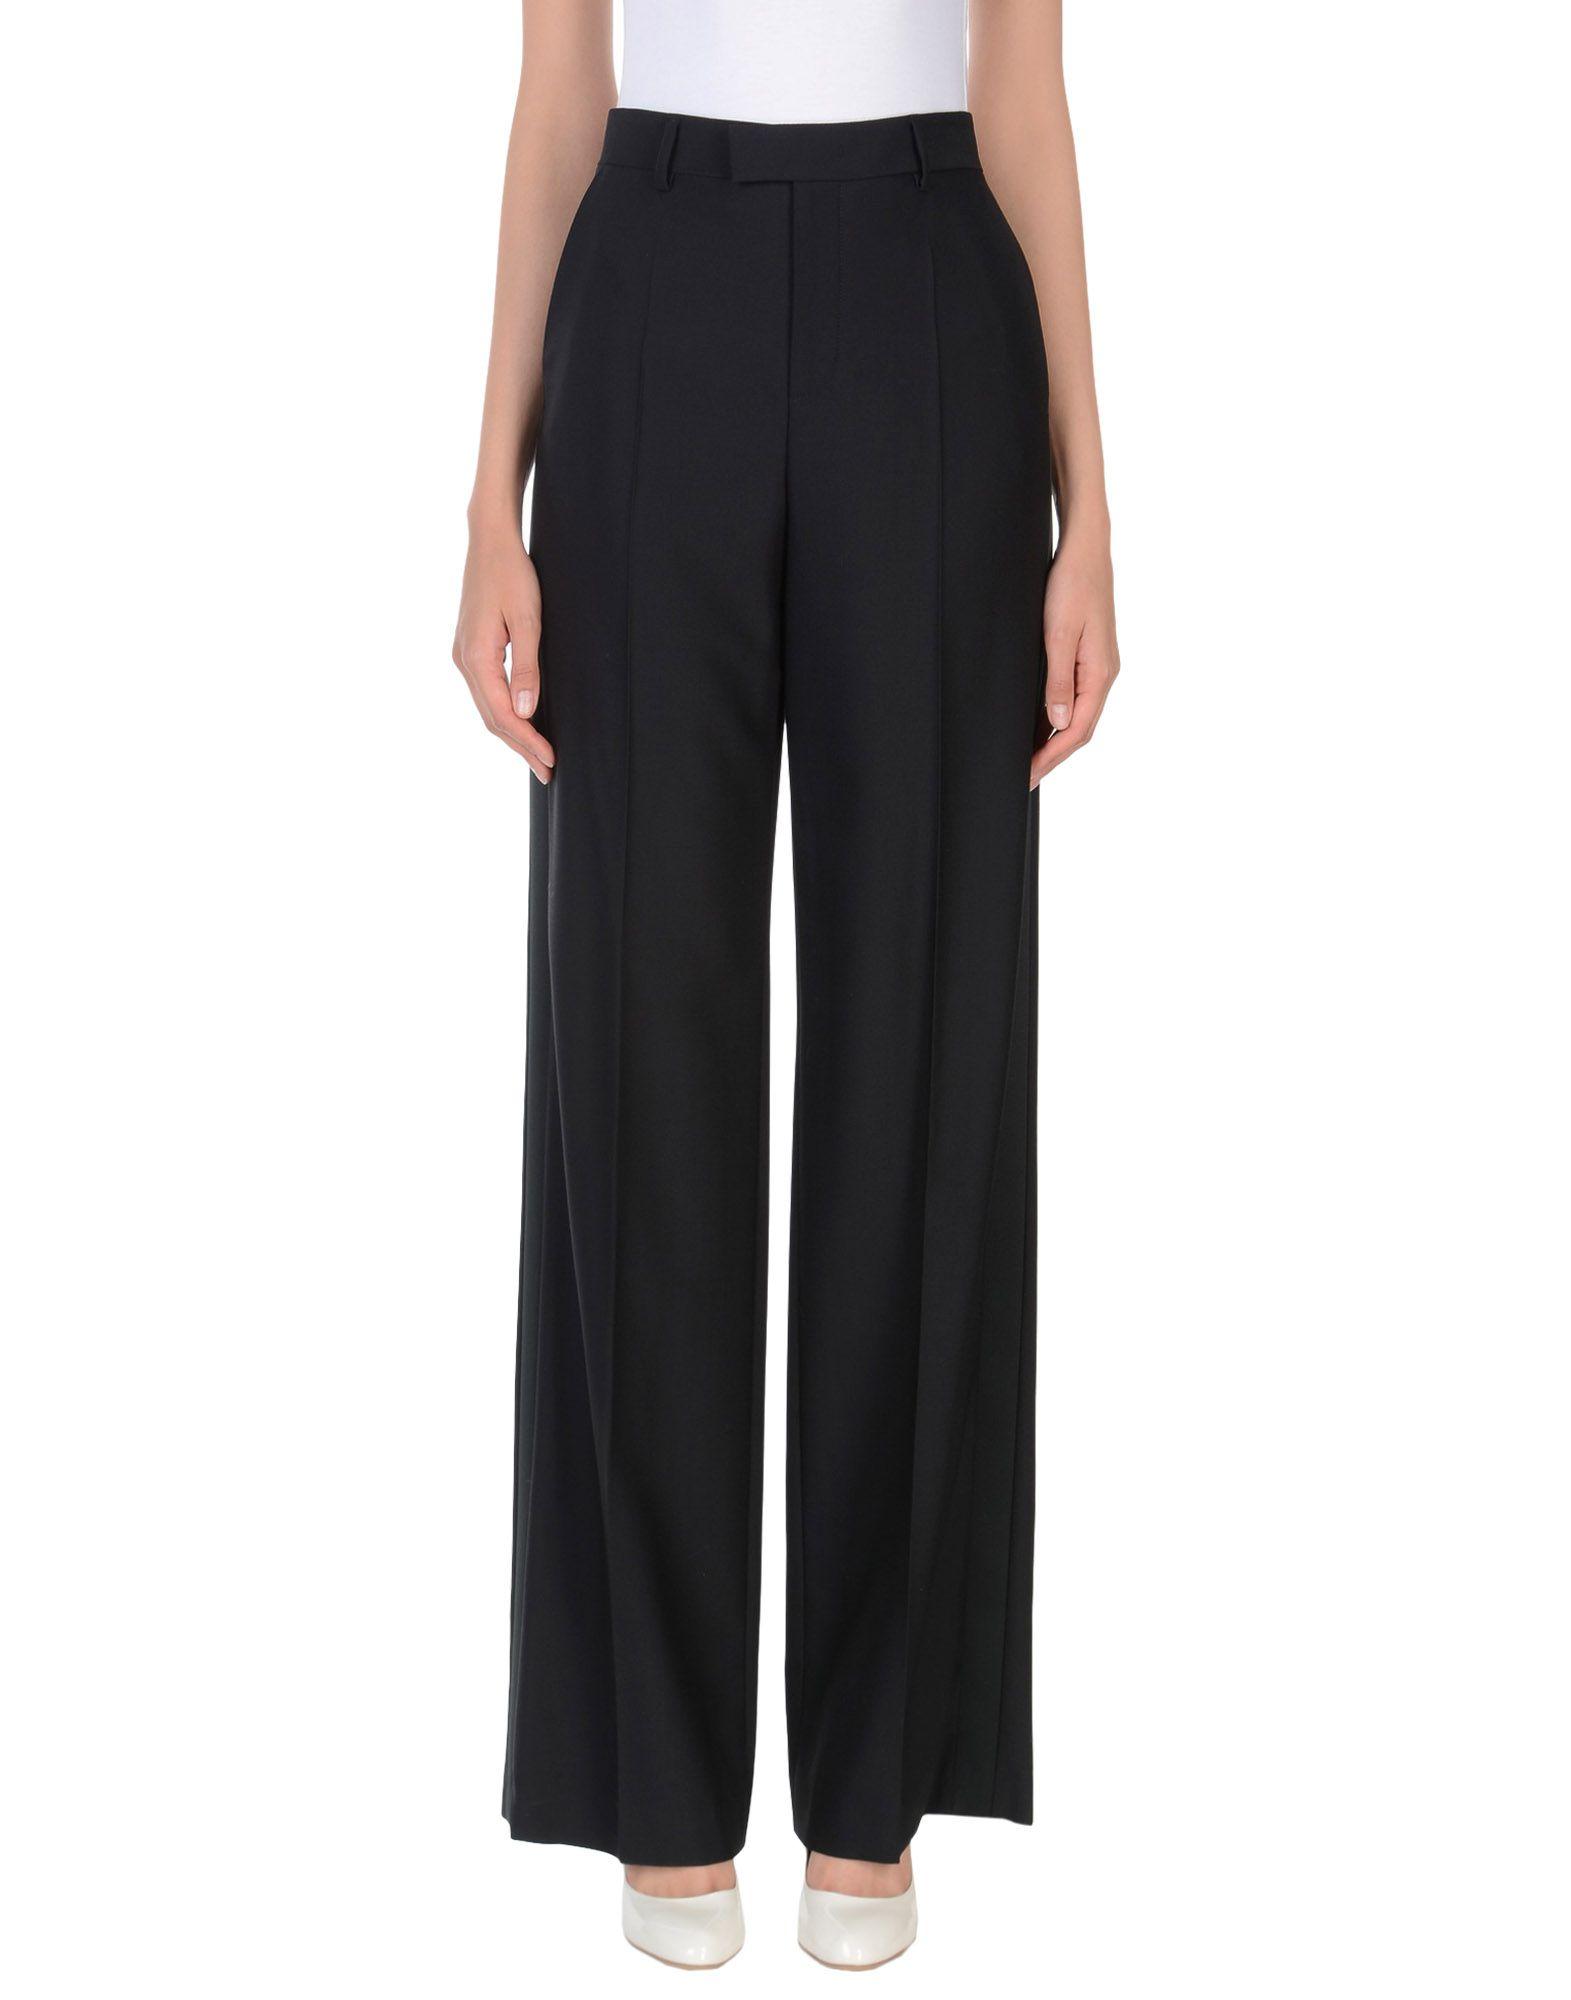 Pantalone Redvalentino Donna - Acquista online su 0wVpw4kR